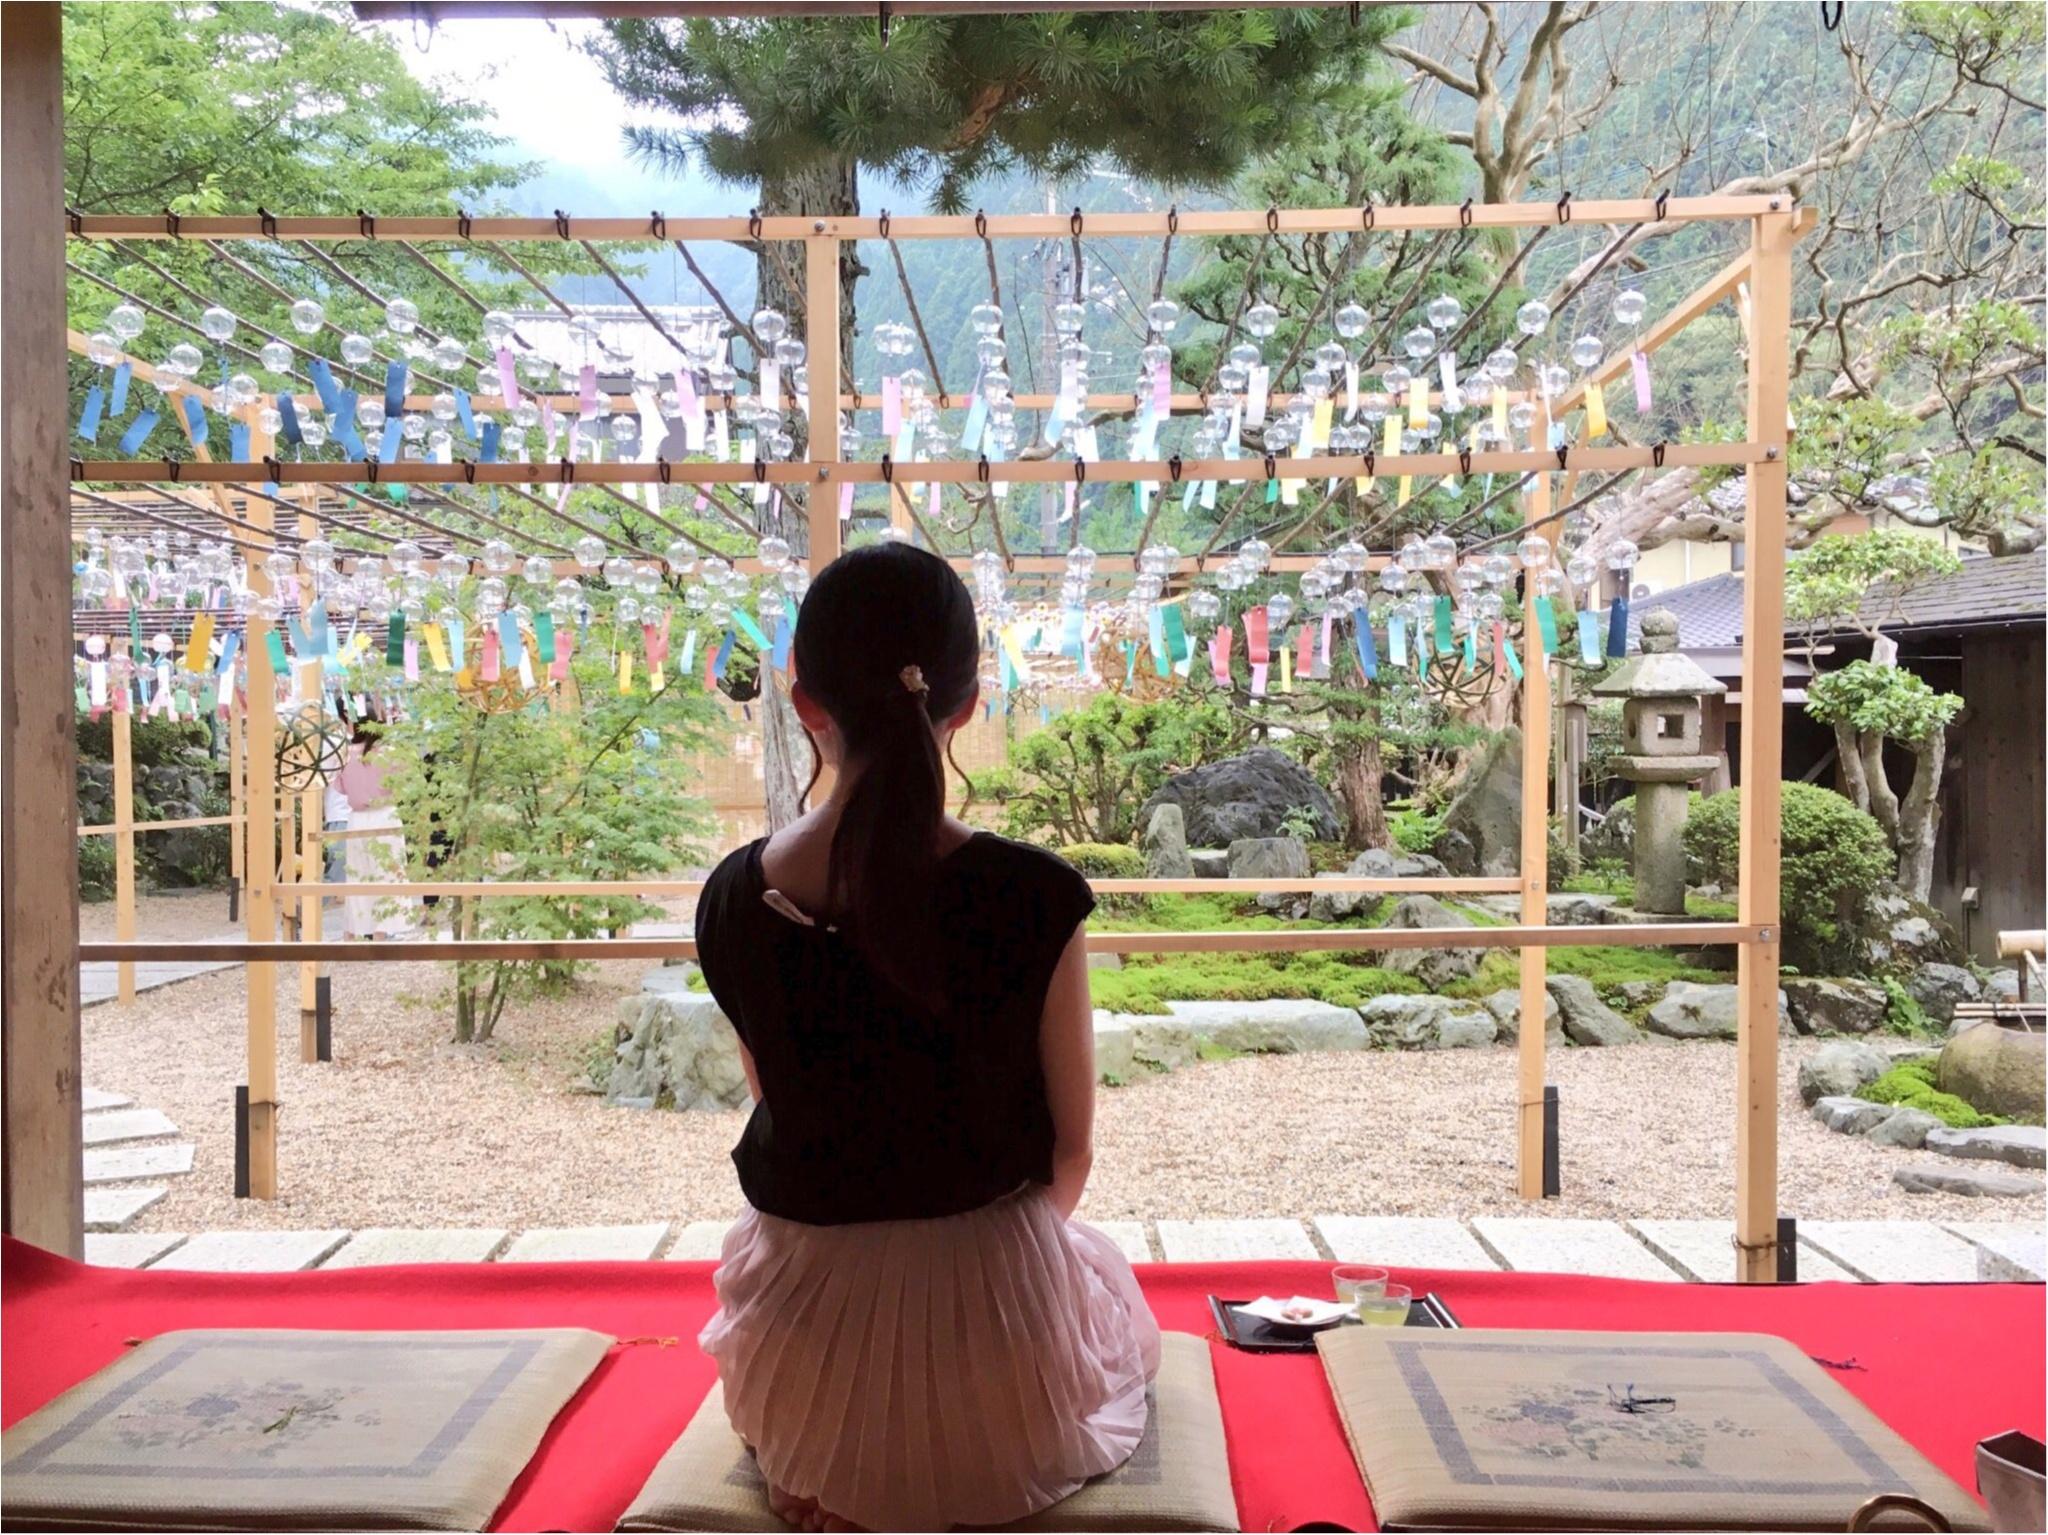 京都女子旅特集《2019年版》- 旅する女子がおすすめする、インスタ映えスポットやカフェ、レンタル着物は?_26